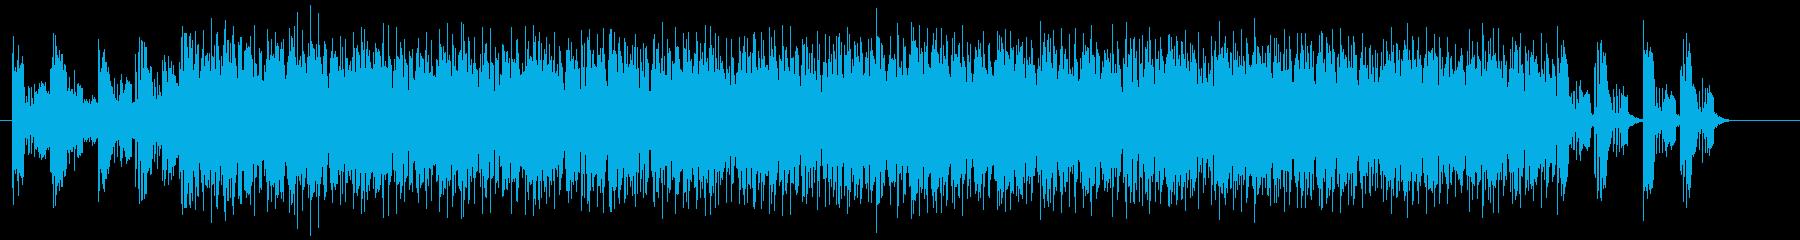 疾走感と宇宙感のドラムシンセサウンドの再生済みの波形